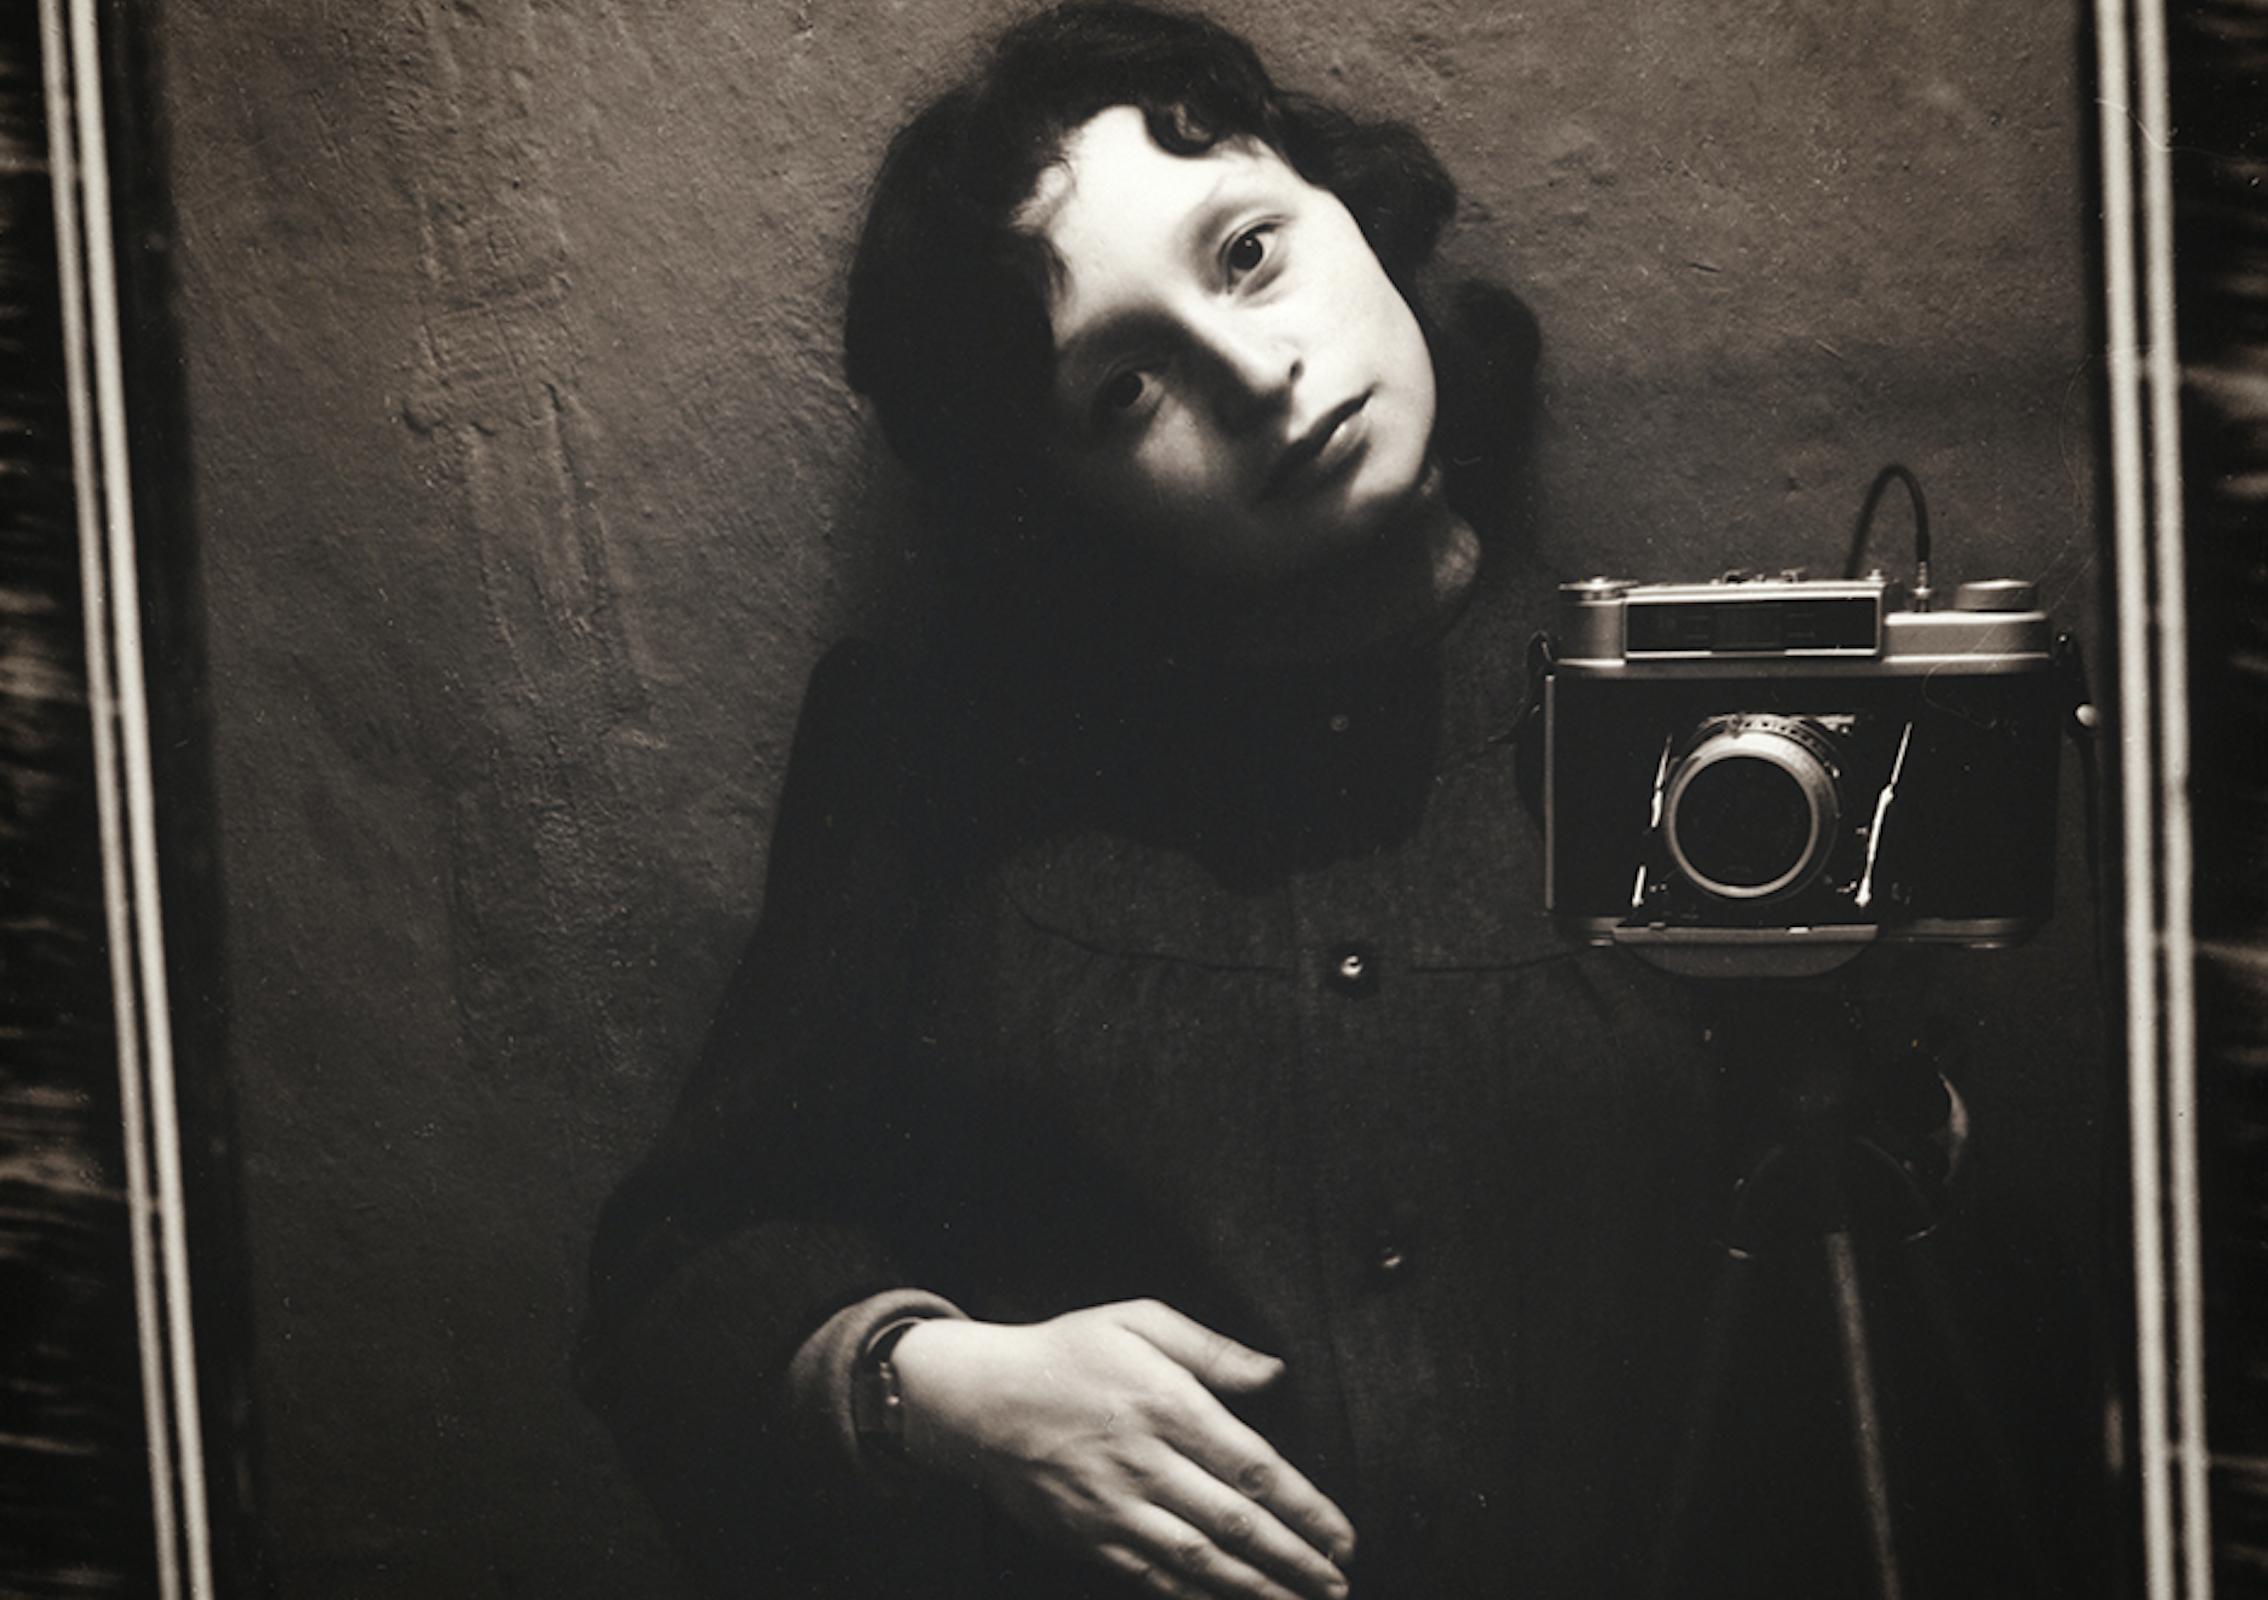 Быть в кадре: Рита Островская и неспешная фотография